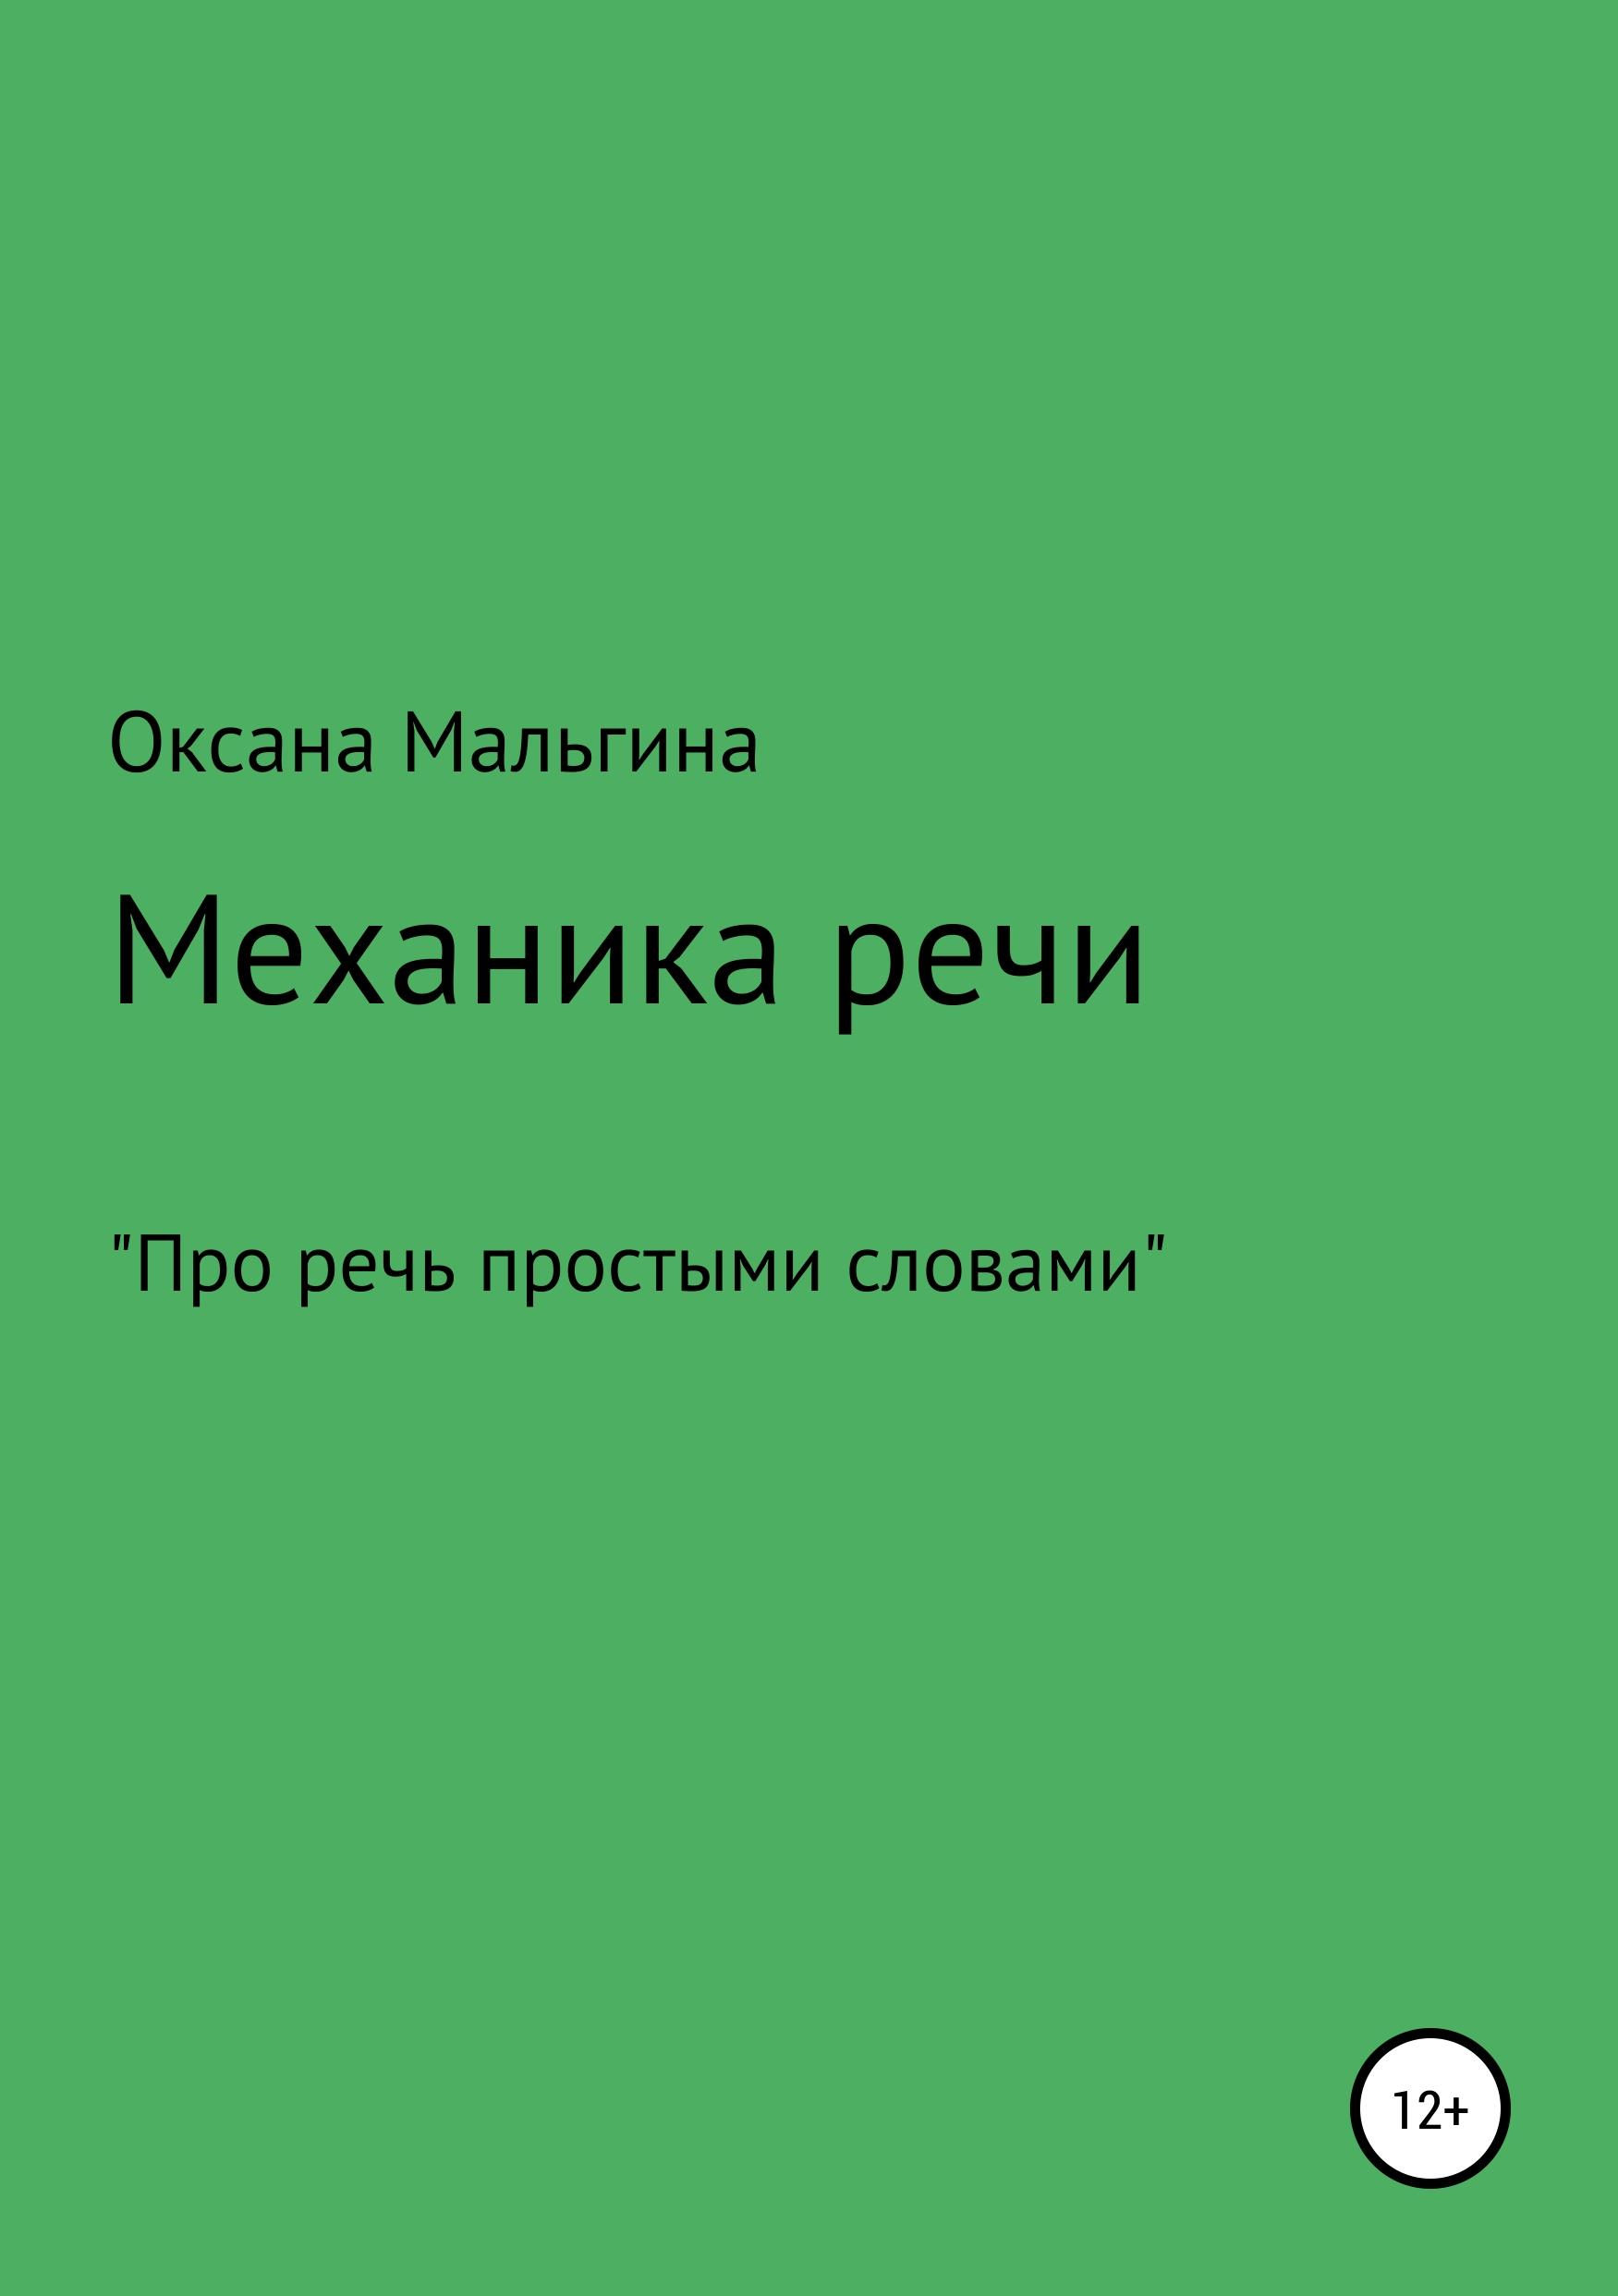 Механика речи